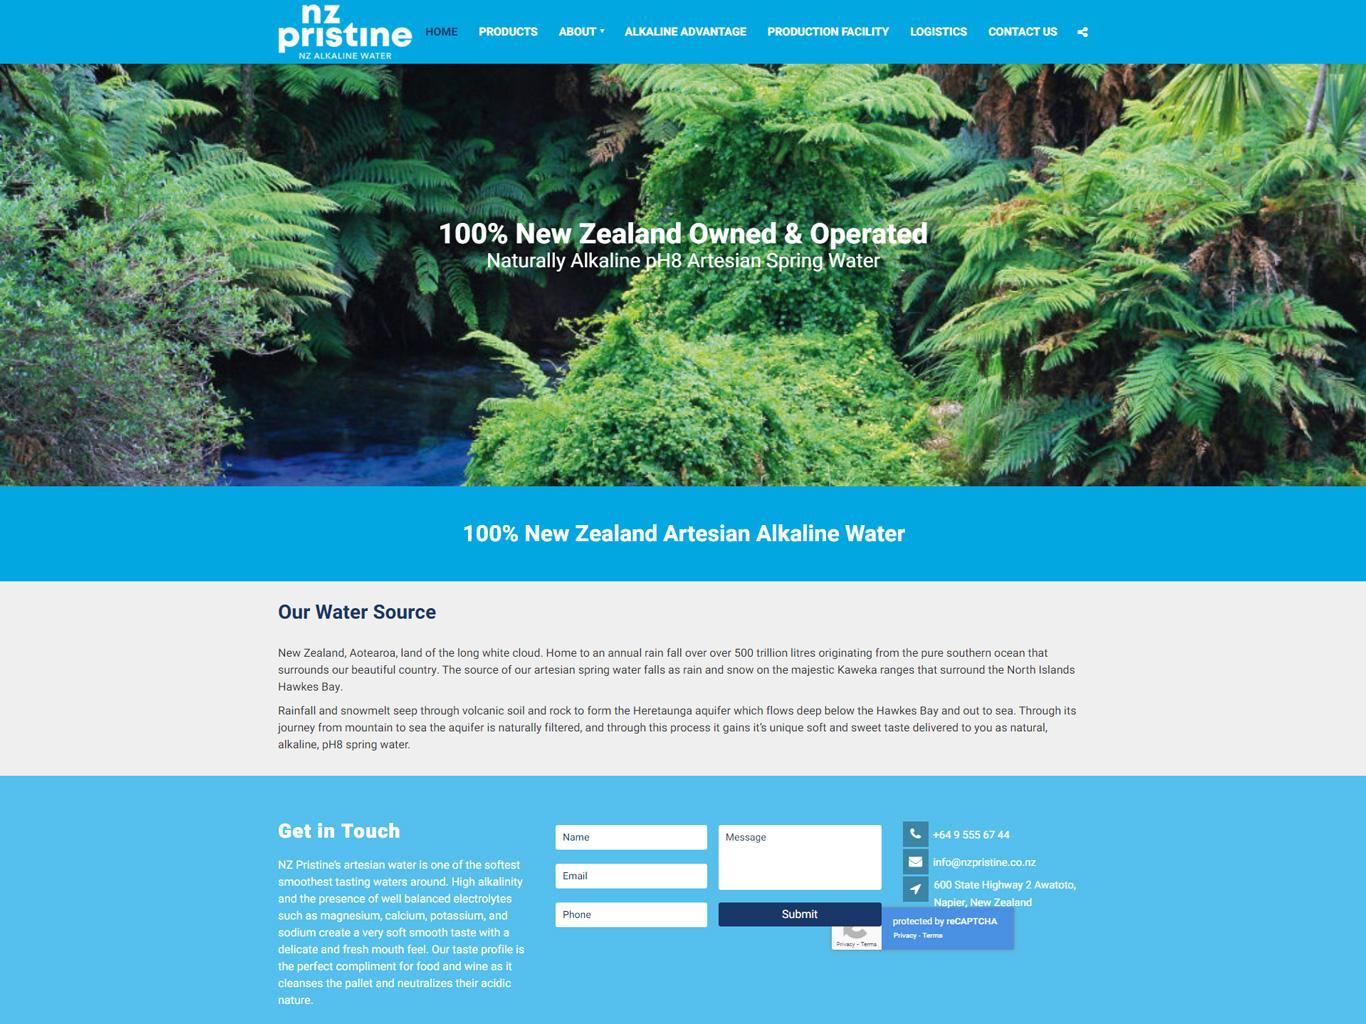 NZ Pristine